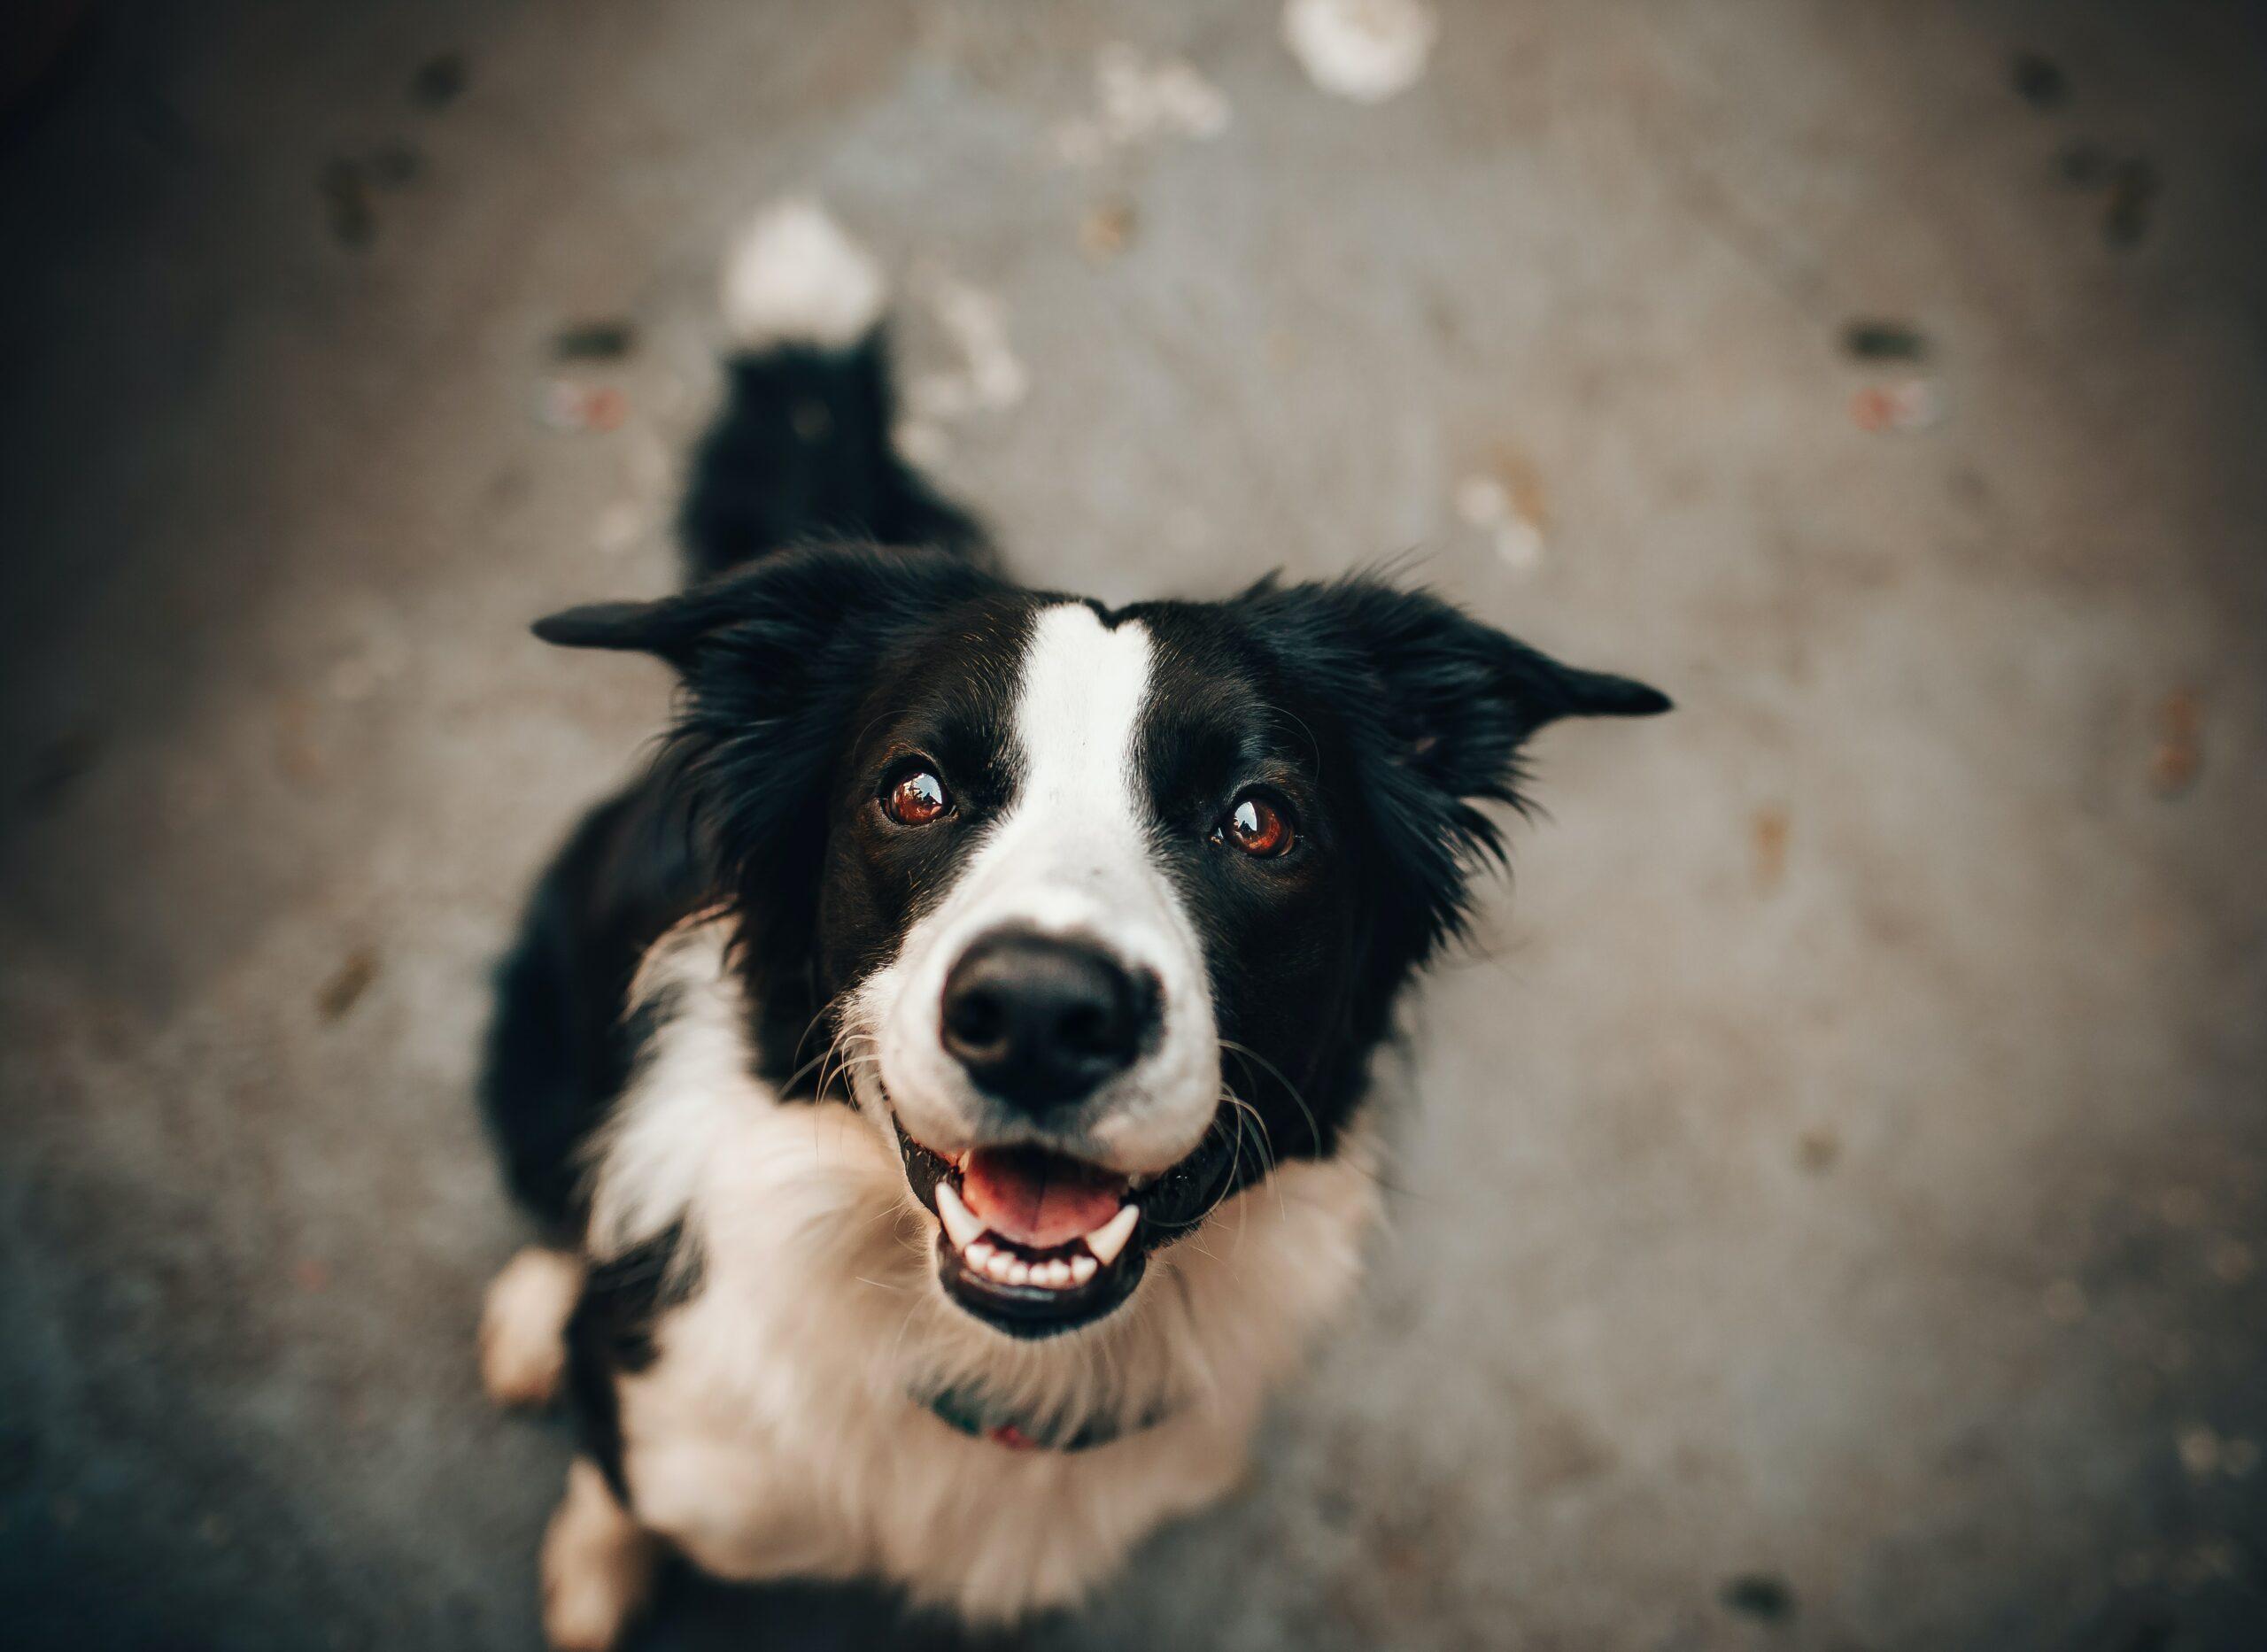 25-curiosidades-que-você-não-sabia-sobre-o-seu-cachorro-dentes